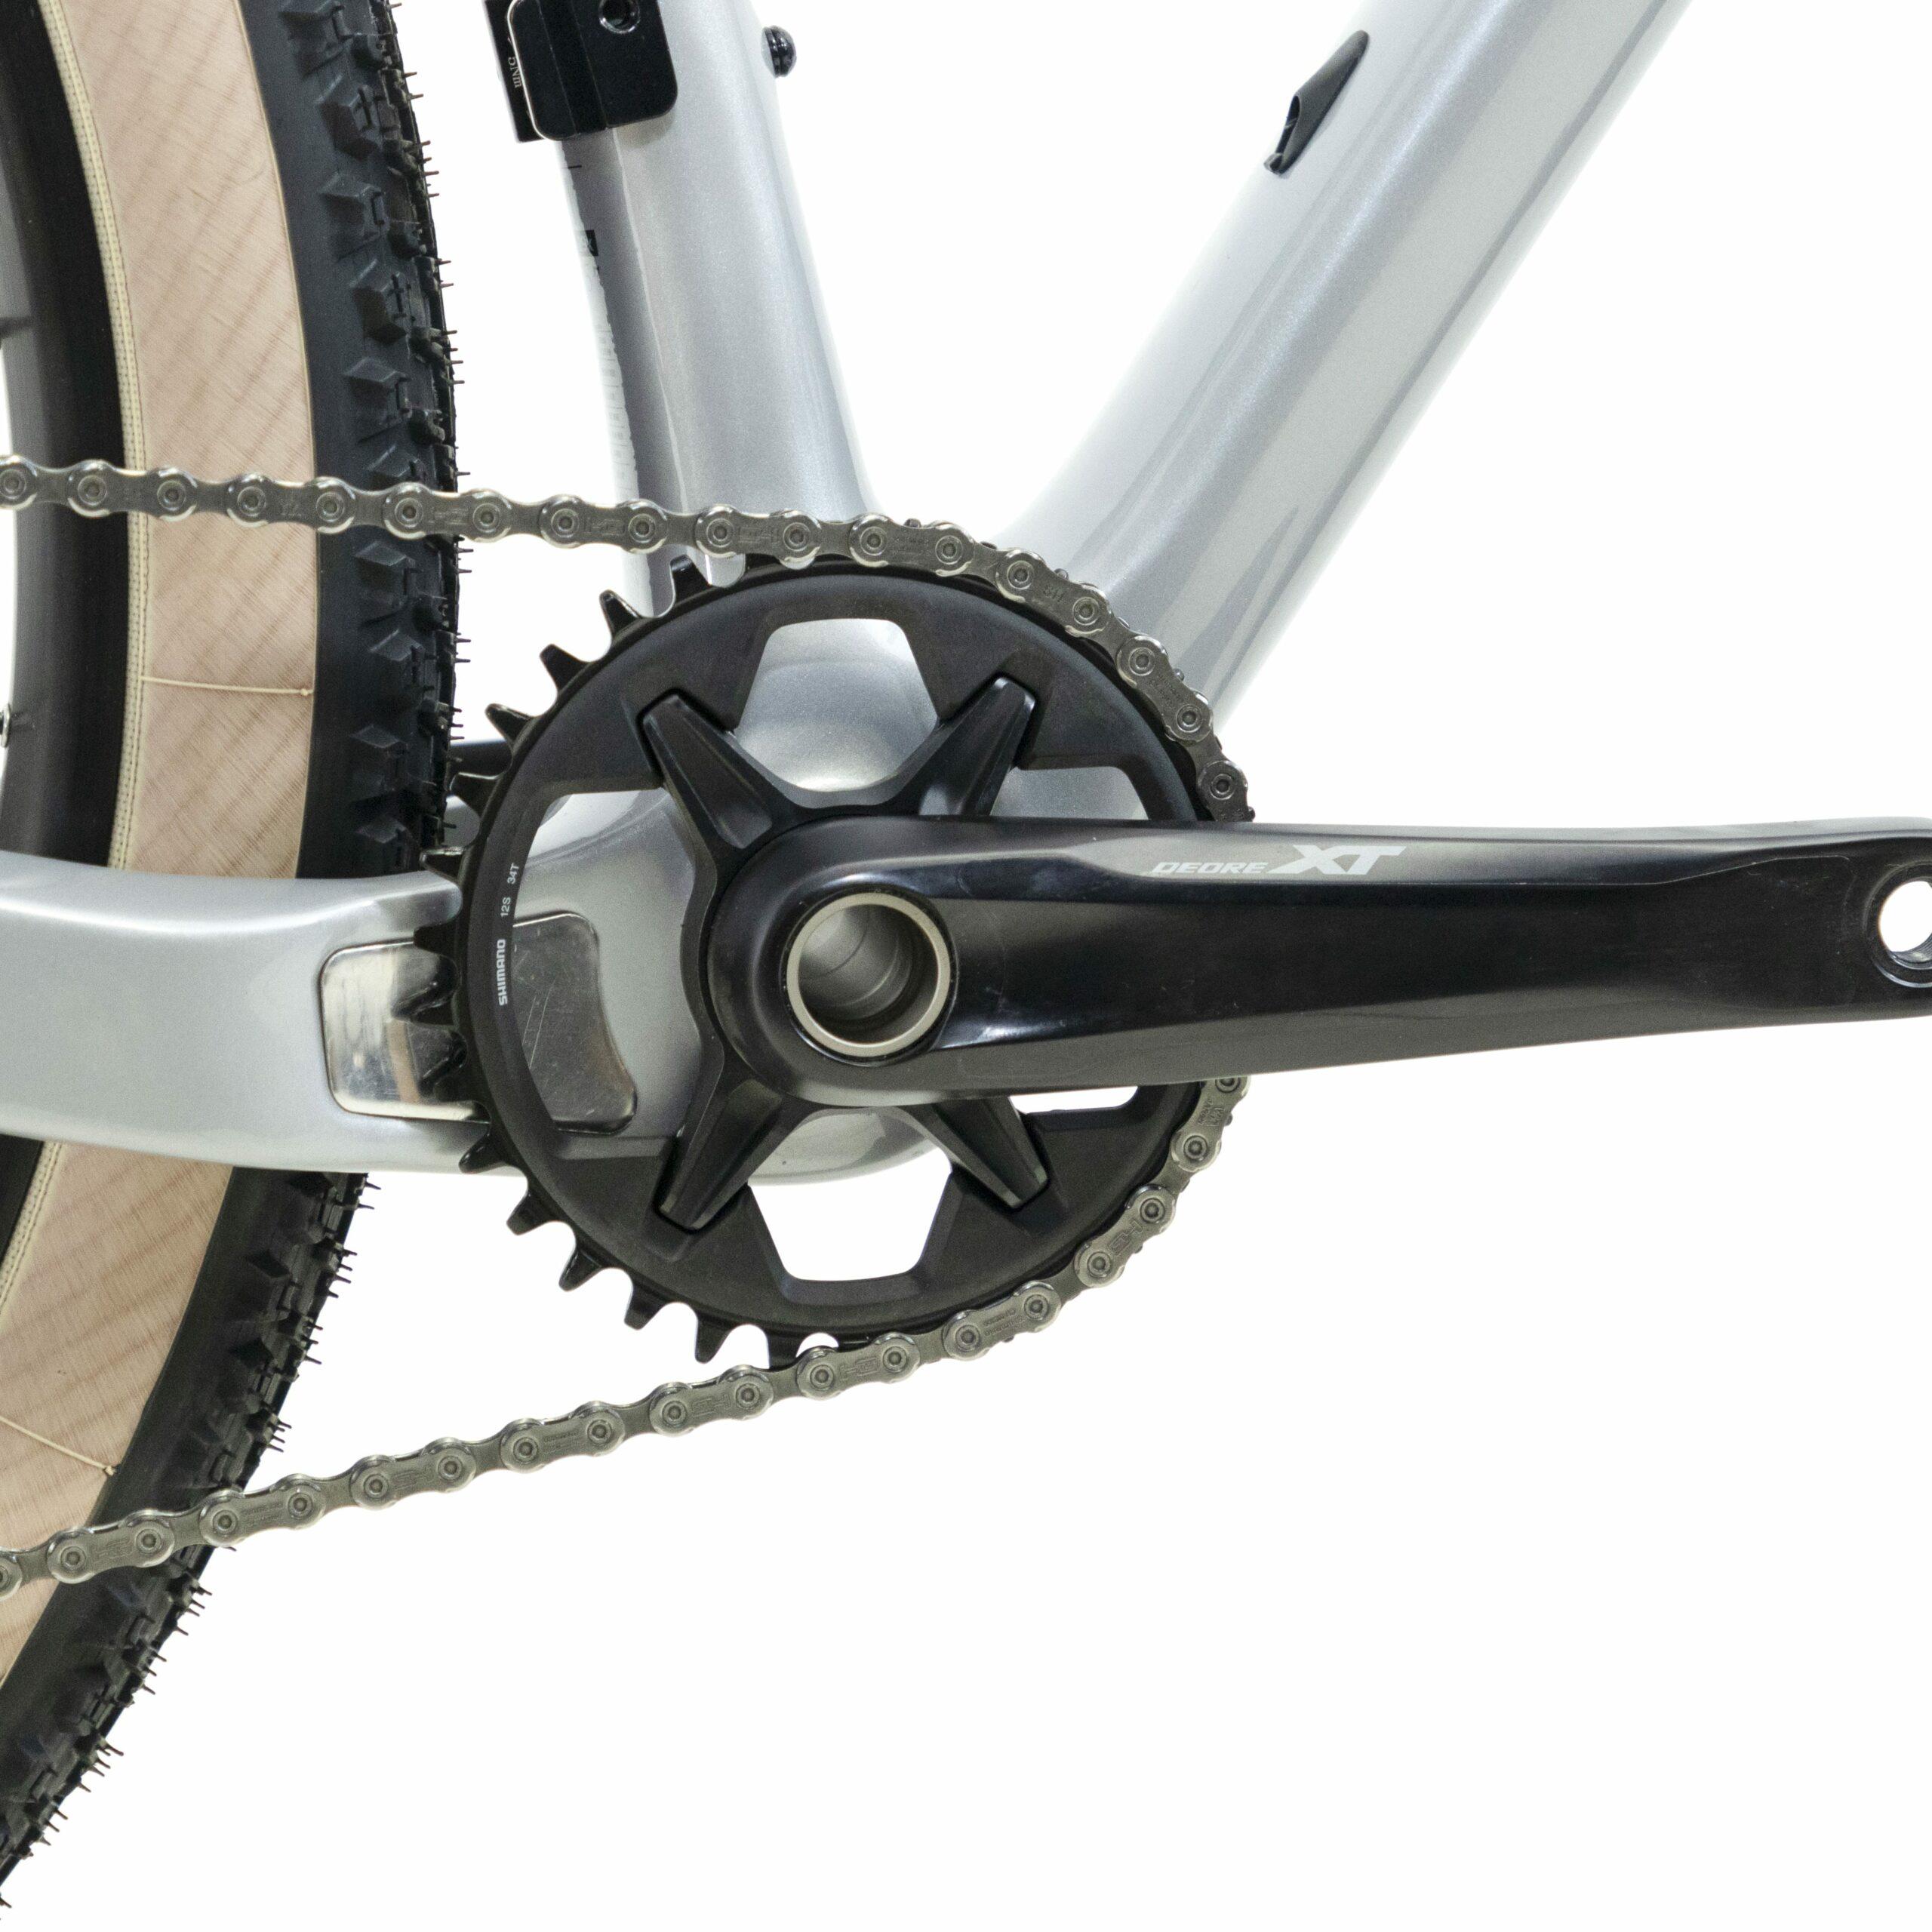 Bicicleta TSW Evo Quest   Advanced-Recon 17